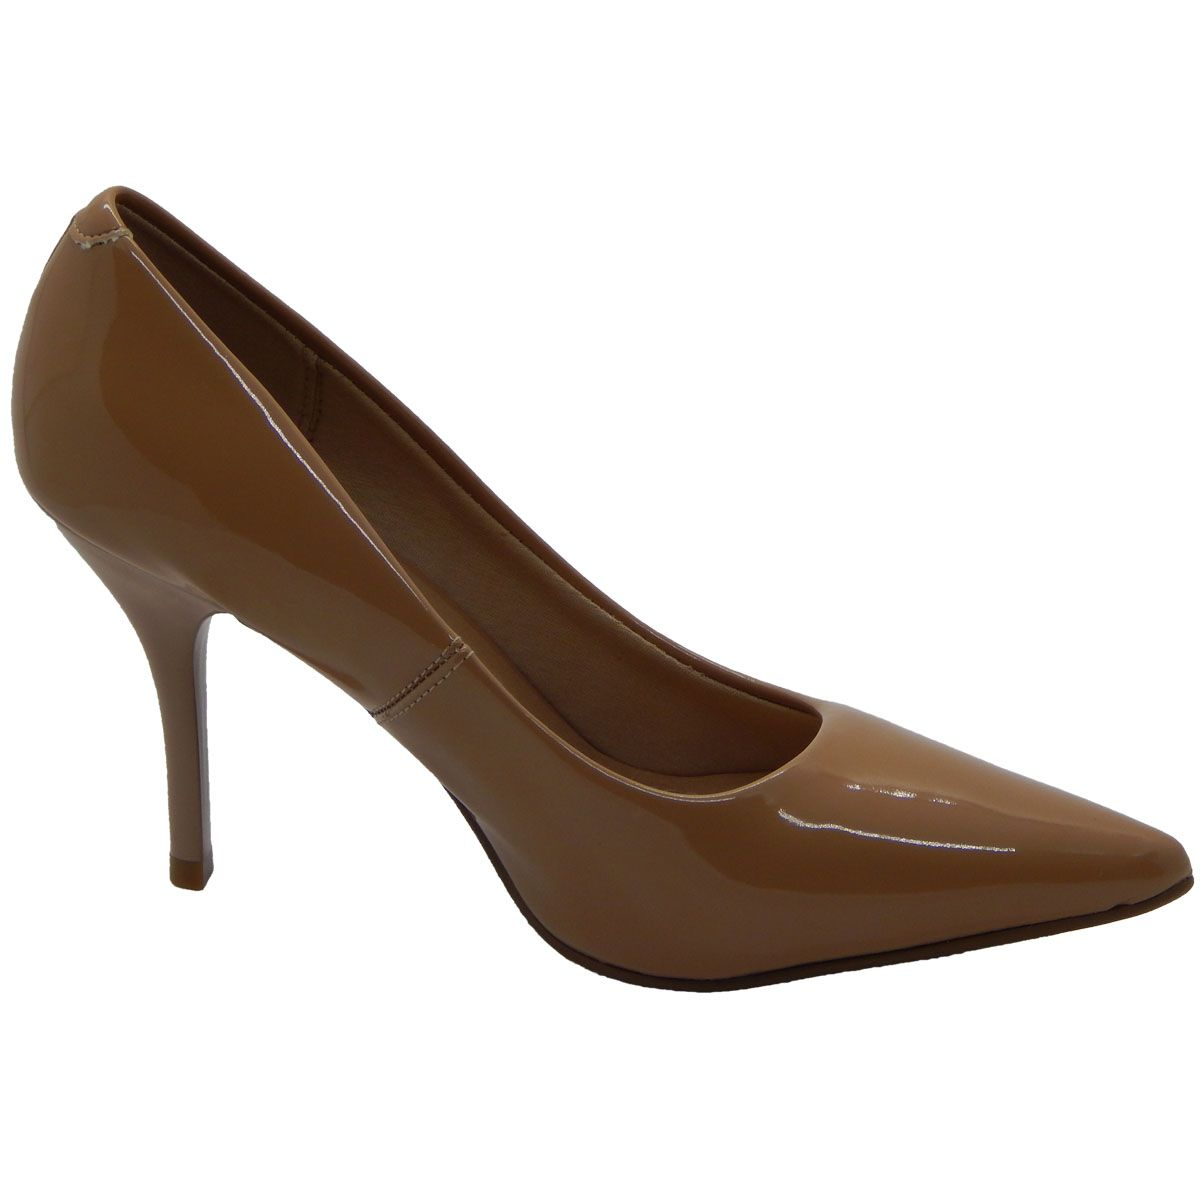 de5d8872e3 Sapato Scarpin Nude Beira Rio Conforto - D D SHOES